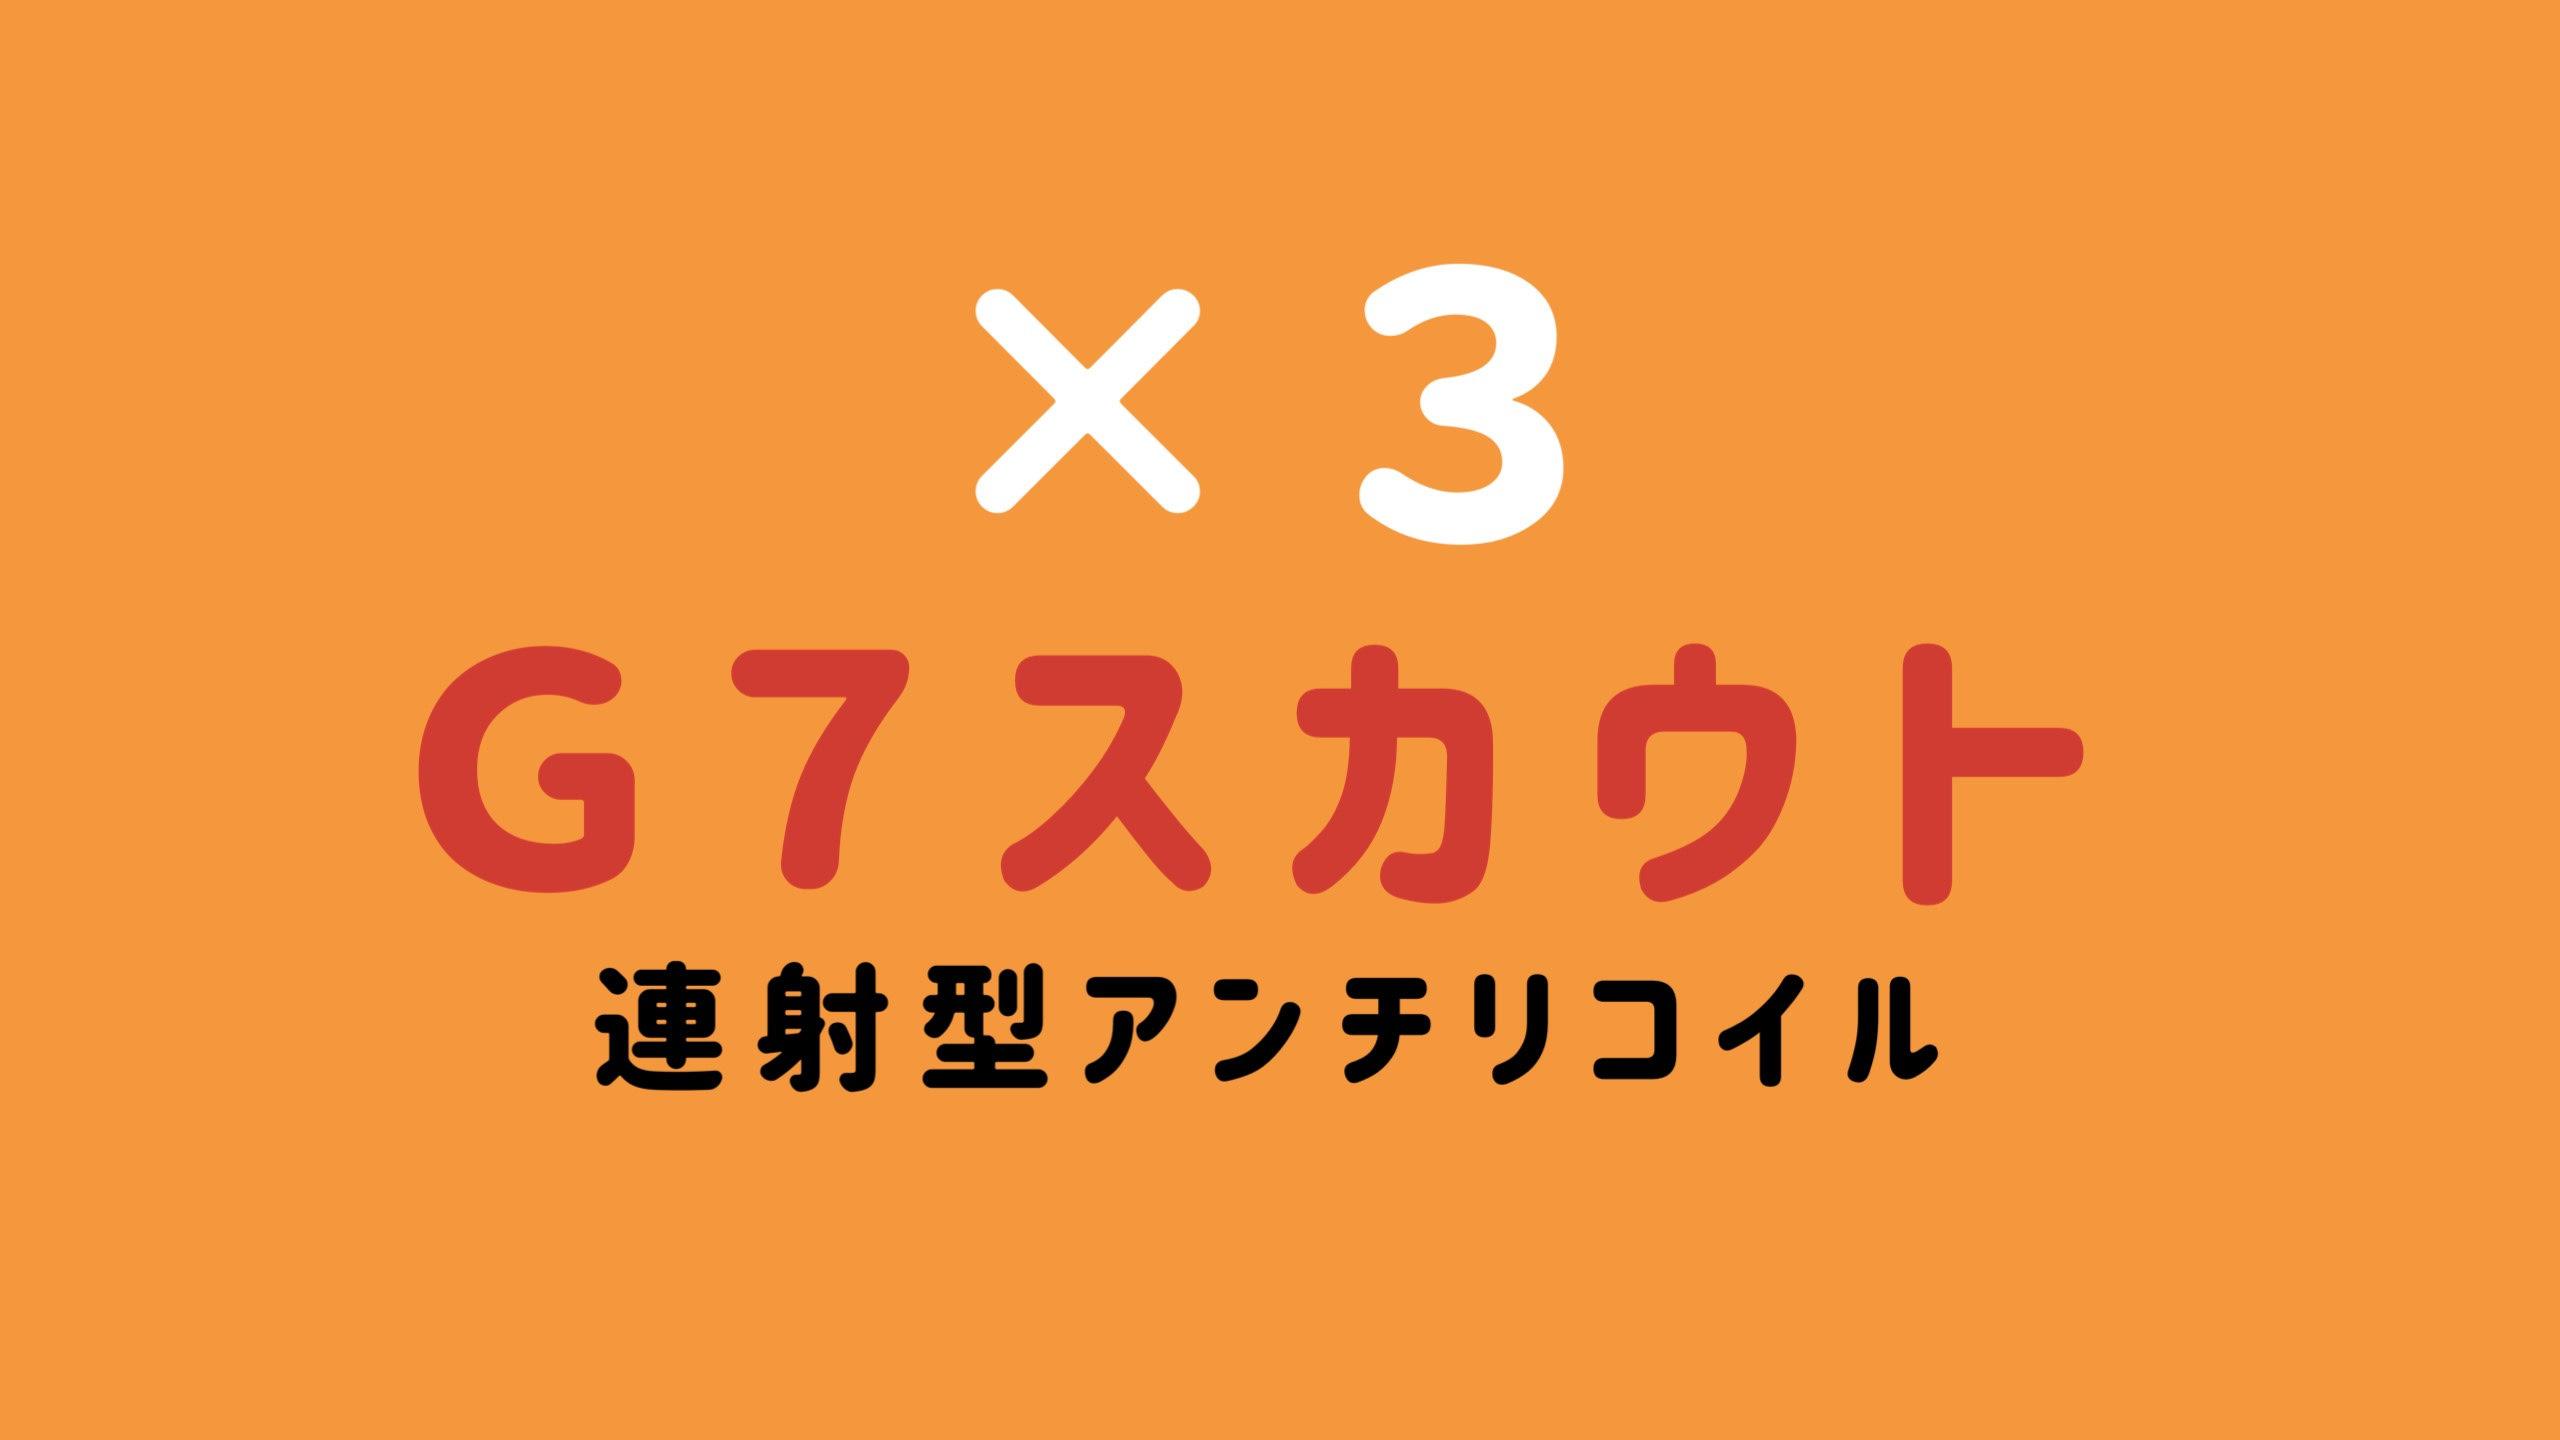 スカウト G7